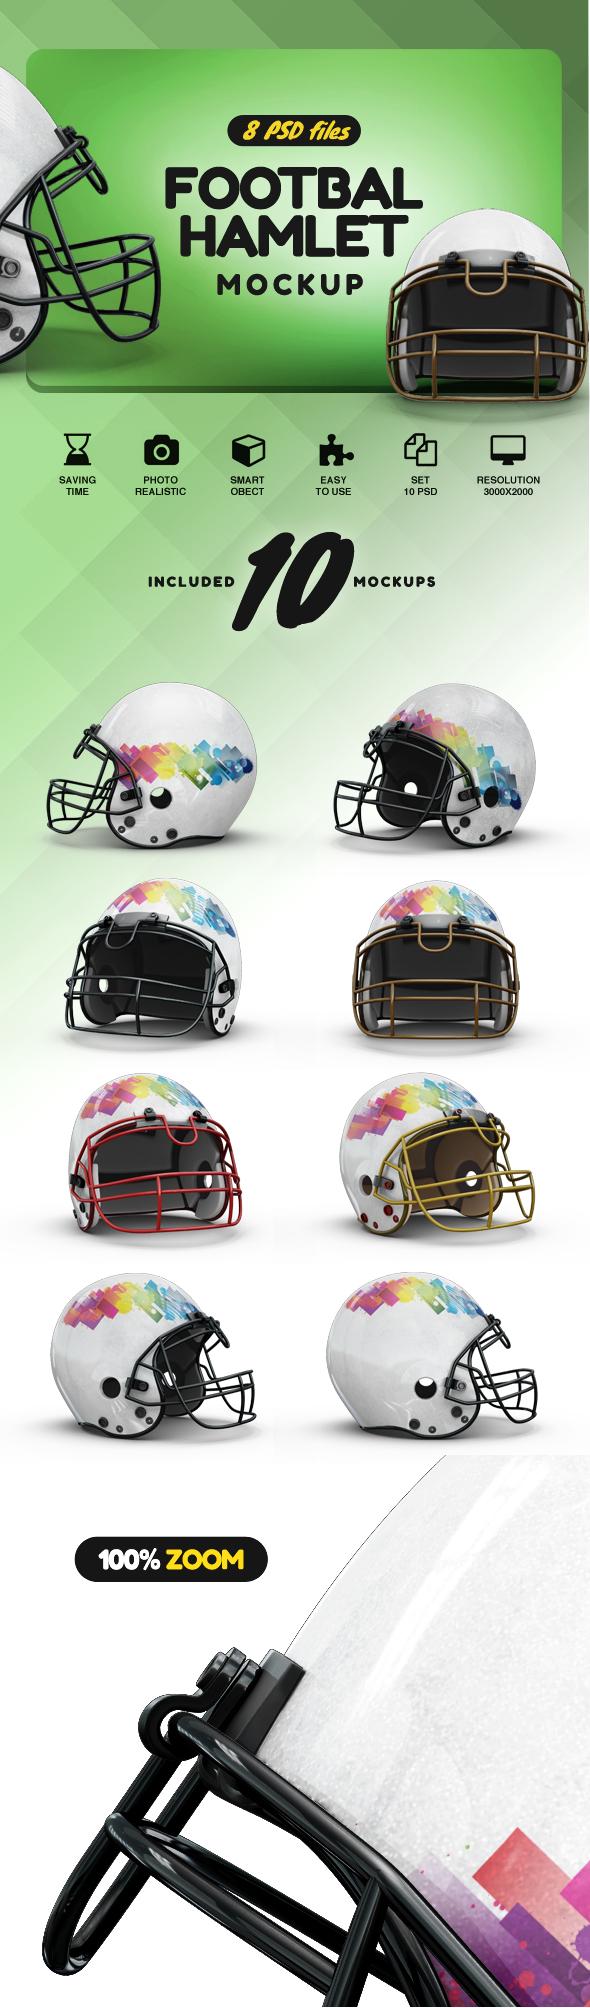 Football Helmet Mockup example image 2